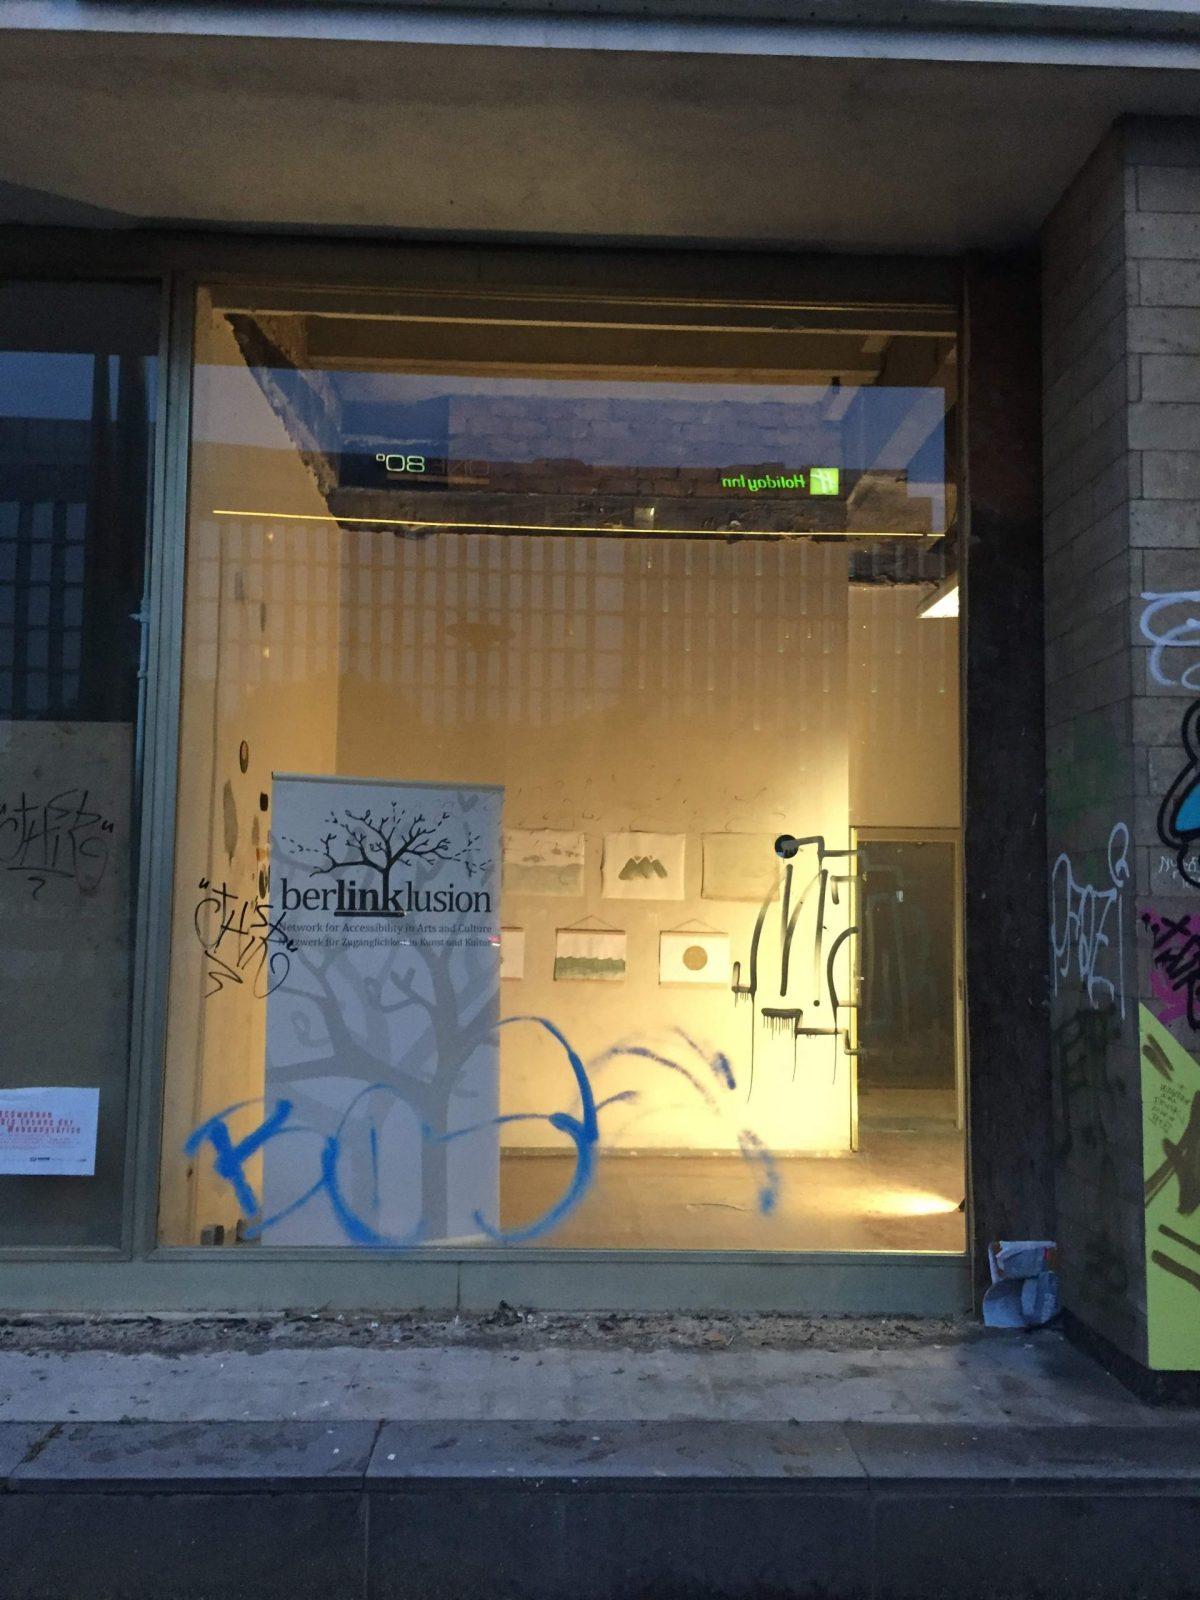 Blick durch ein Schaufenster in den Ausstellungsraum.